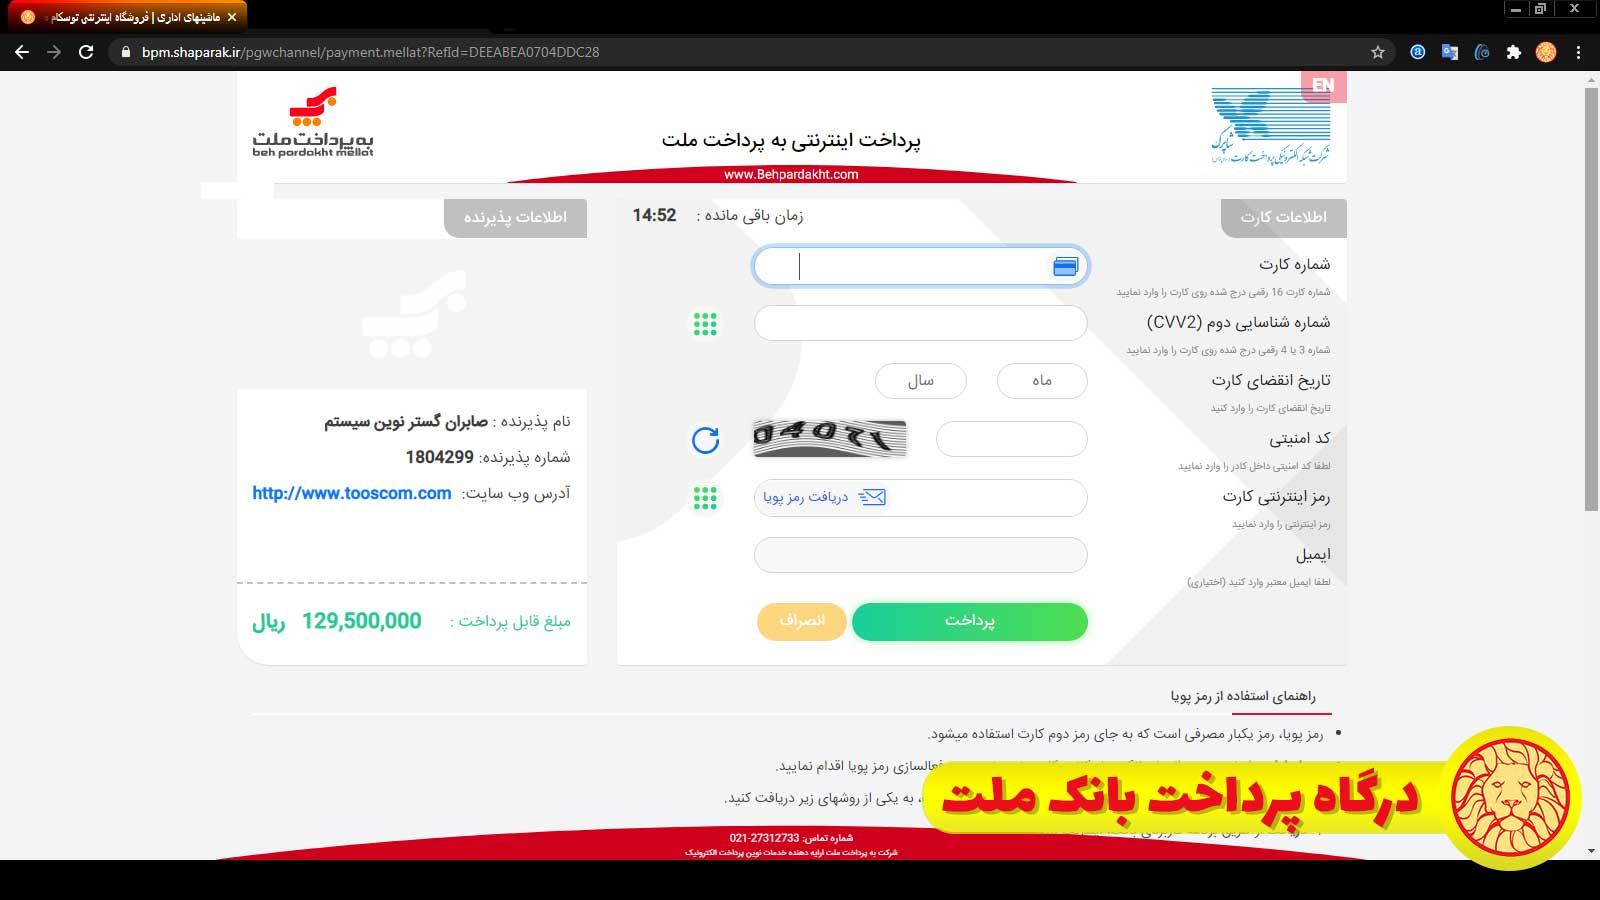 درگاه پرداخت بانک ملت   راهنمای خرید از توسکام